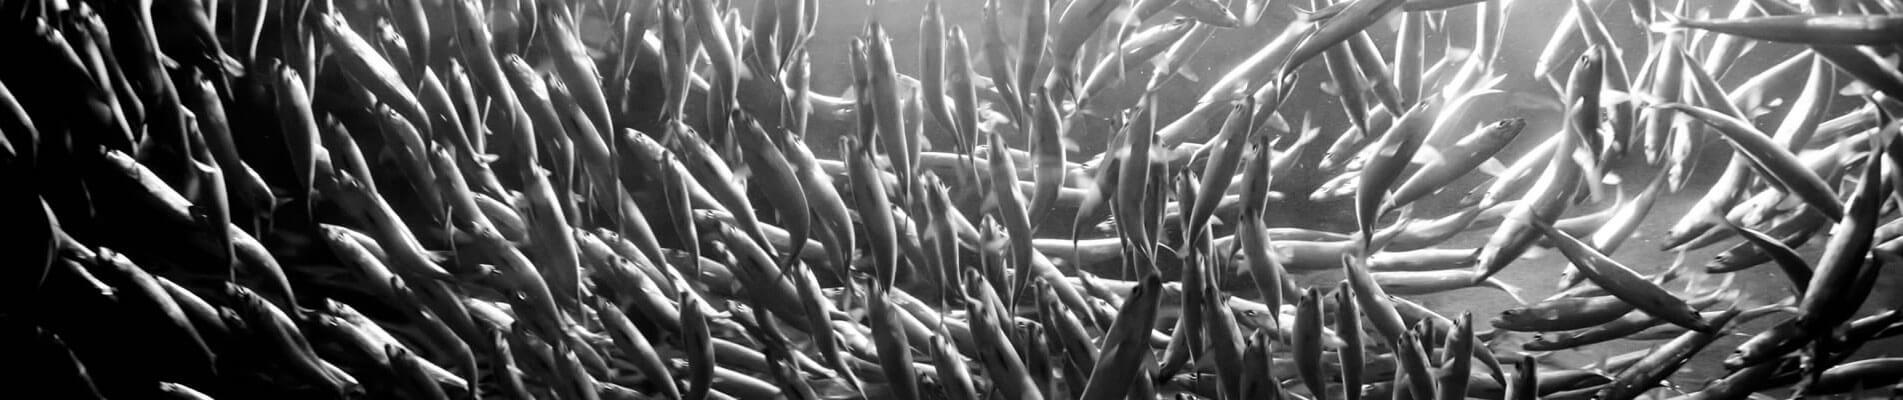 Ζωονομή ΑΒΕΕ - Ψάρια